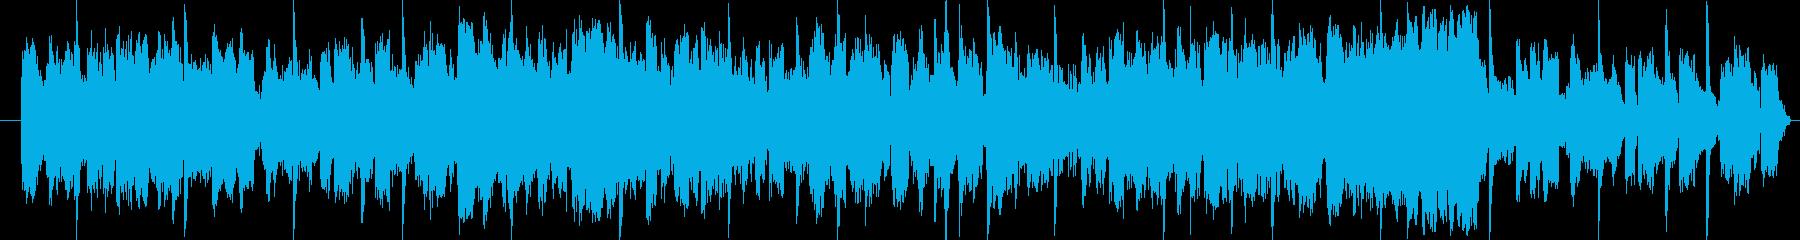 女性の声が印象的なおしゃれな15秒BGMの再生済みの波形